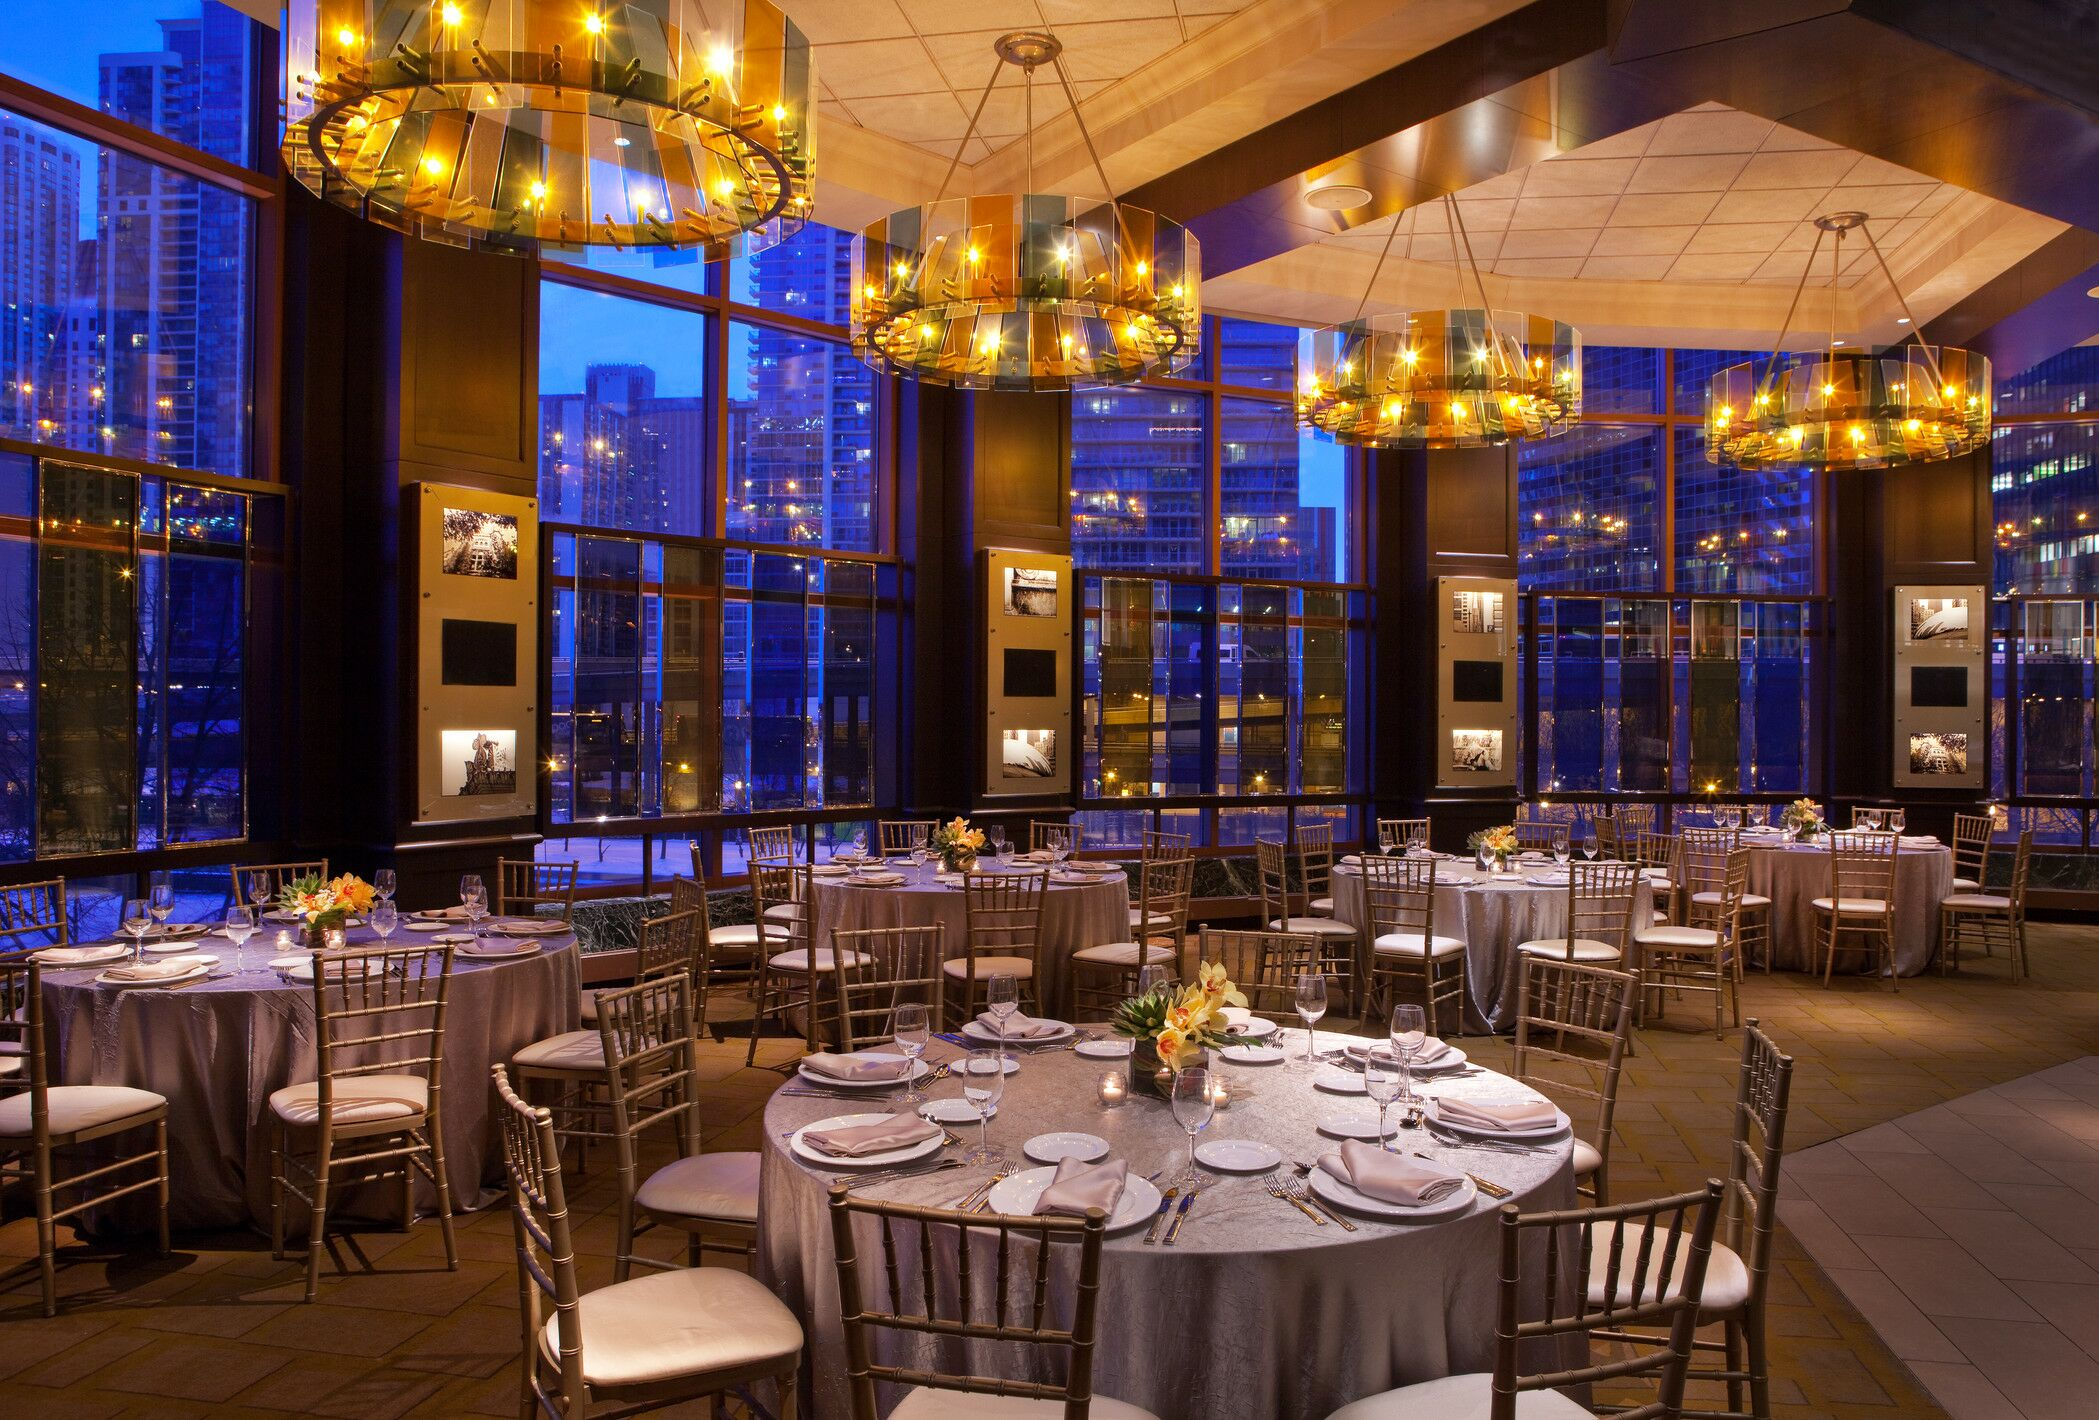 sheraton grand chicago reception venues chicago il. Black Bedroom Furniture Sets. Home Design Ideas